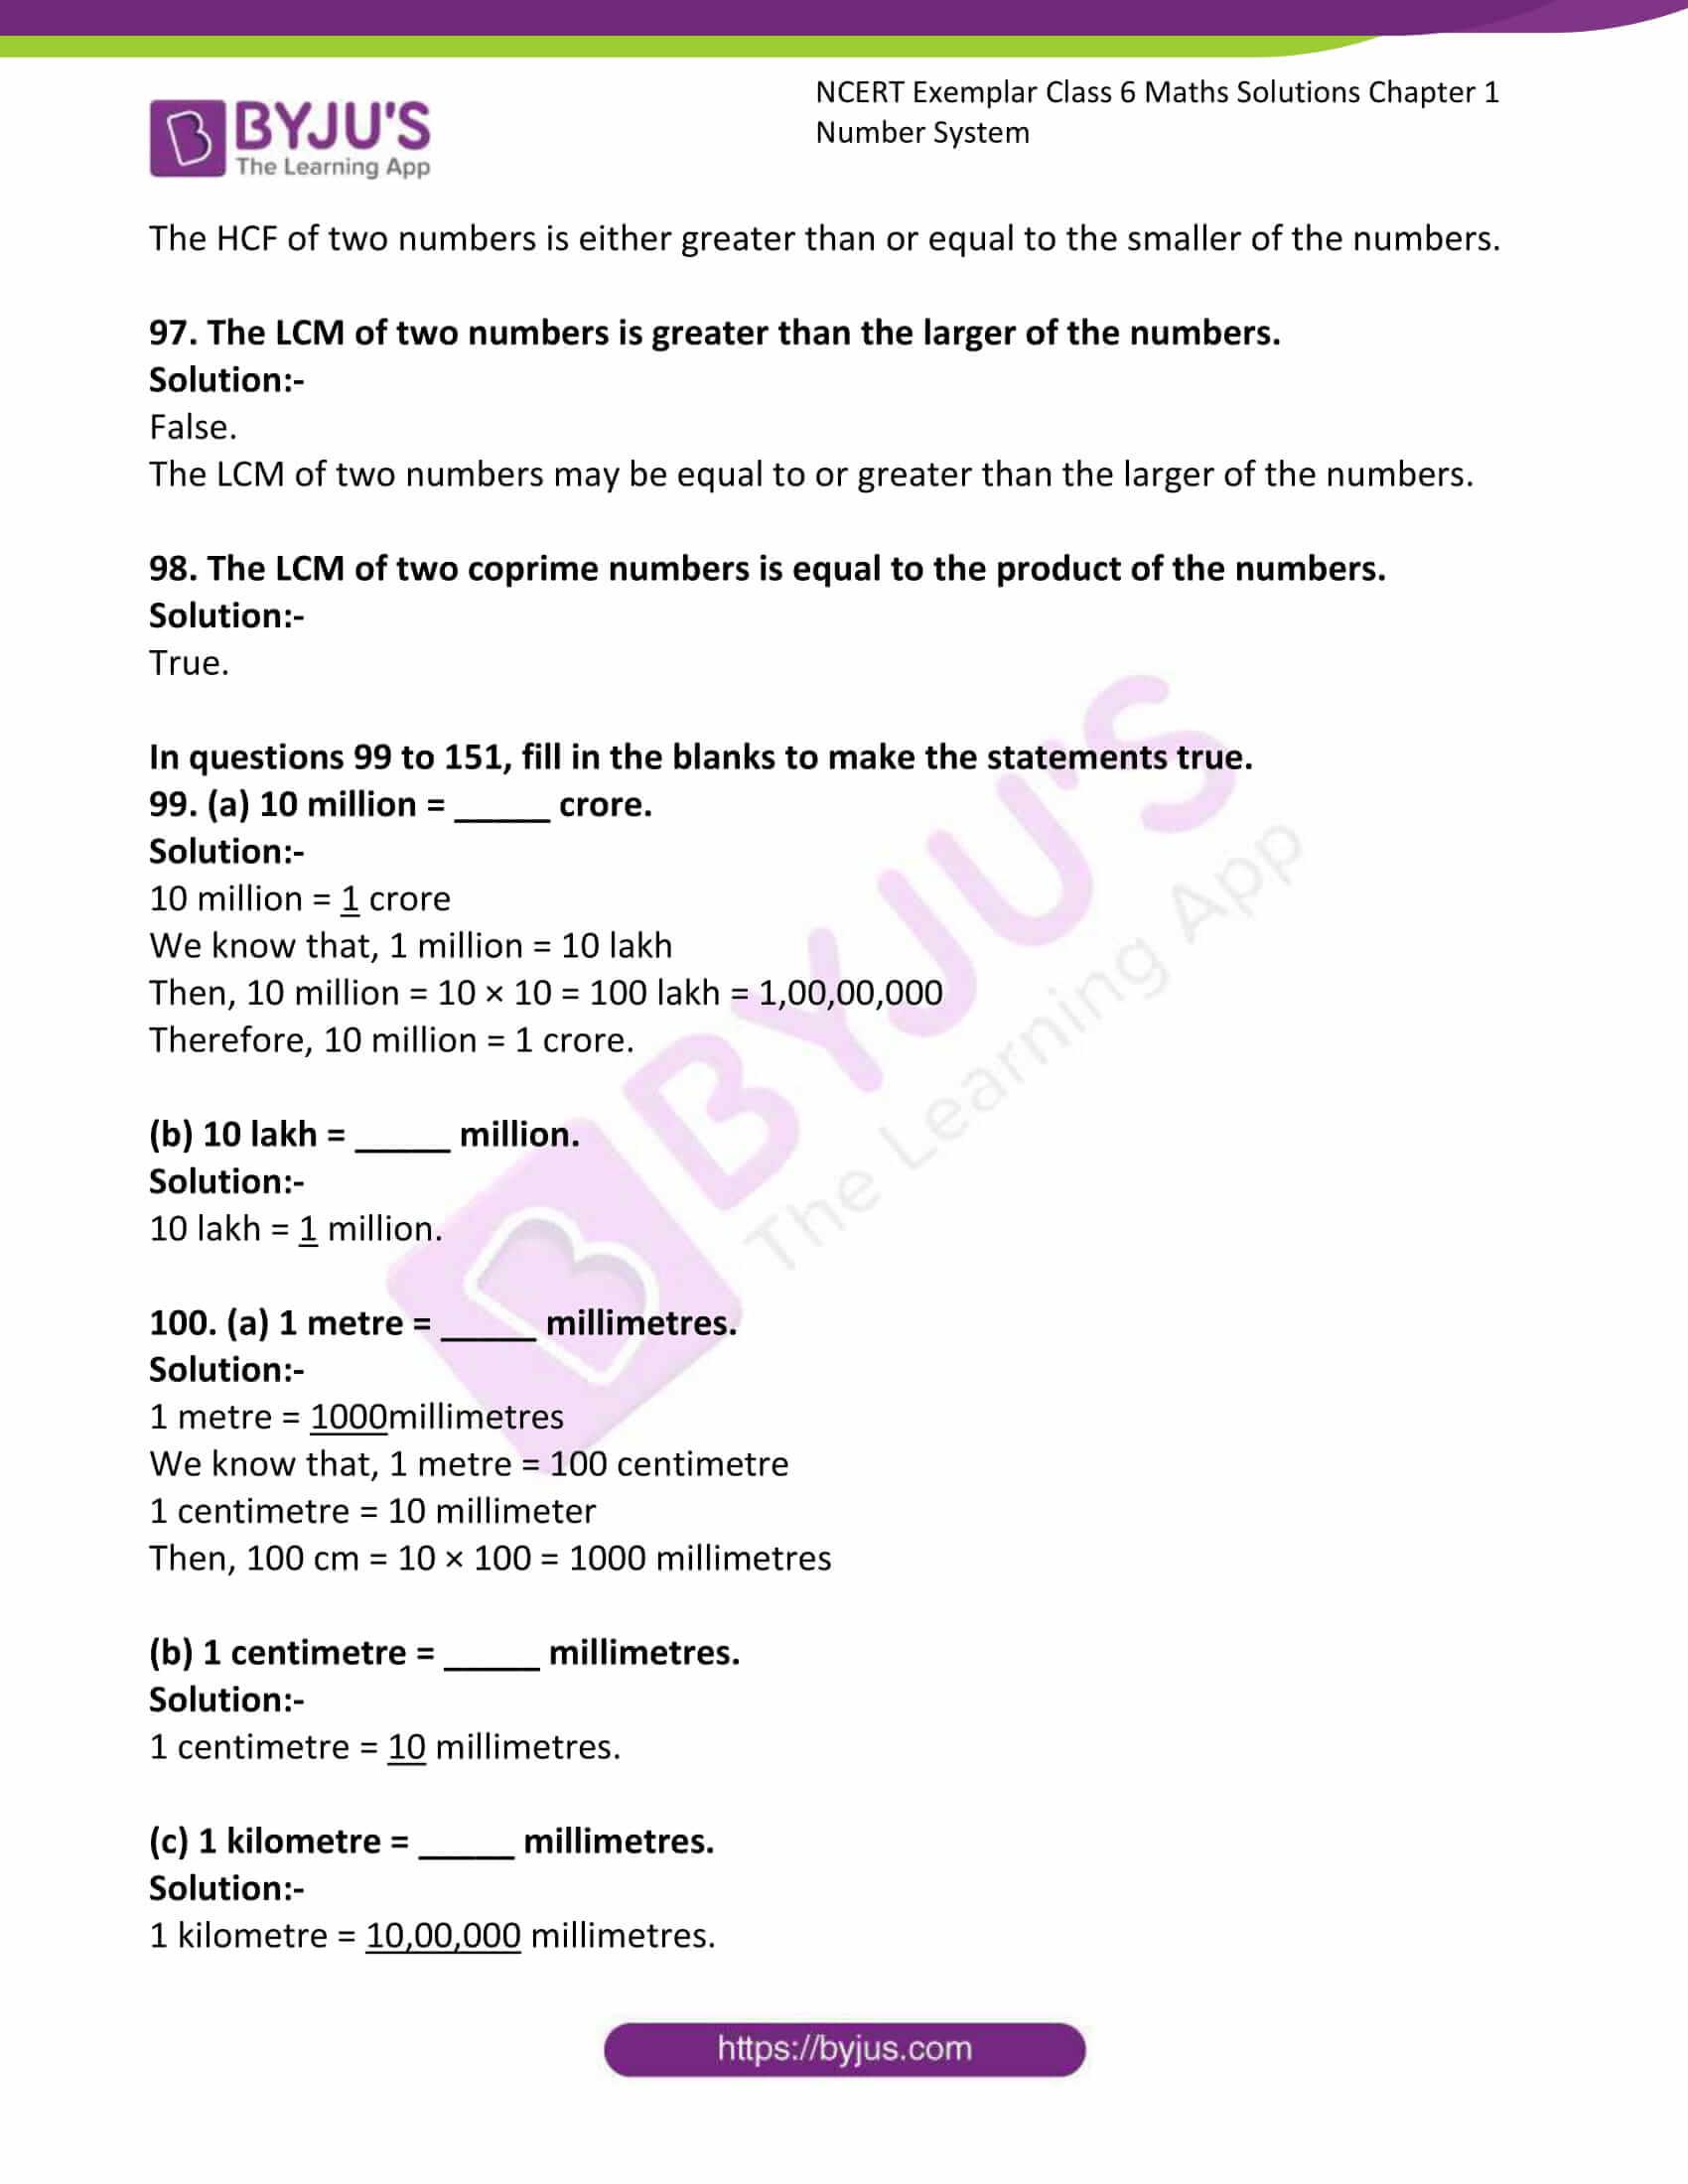 ncert exemplar class 6 maths sol ch 1 22